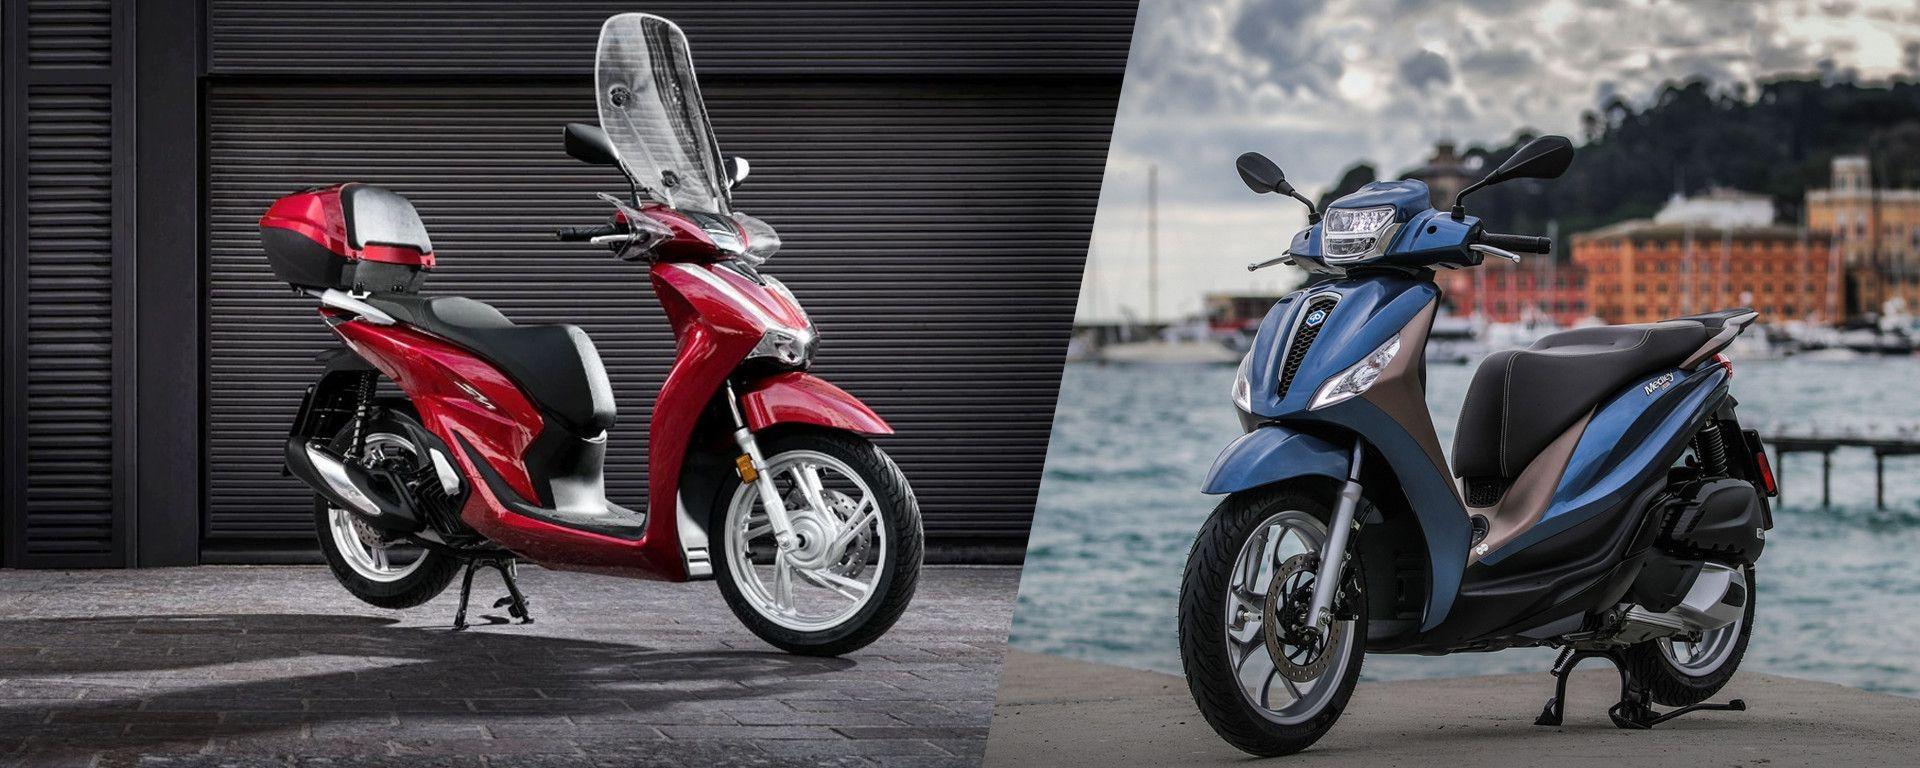 Piaggio Medley vs Honda SH: Italia contro Giappone scooter a ruote alte